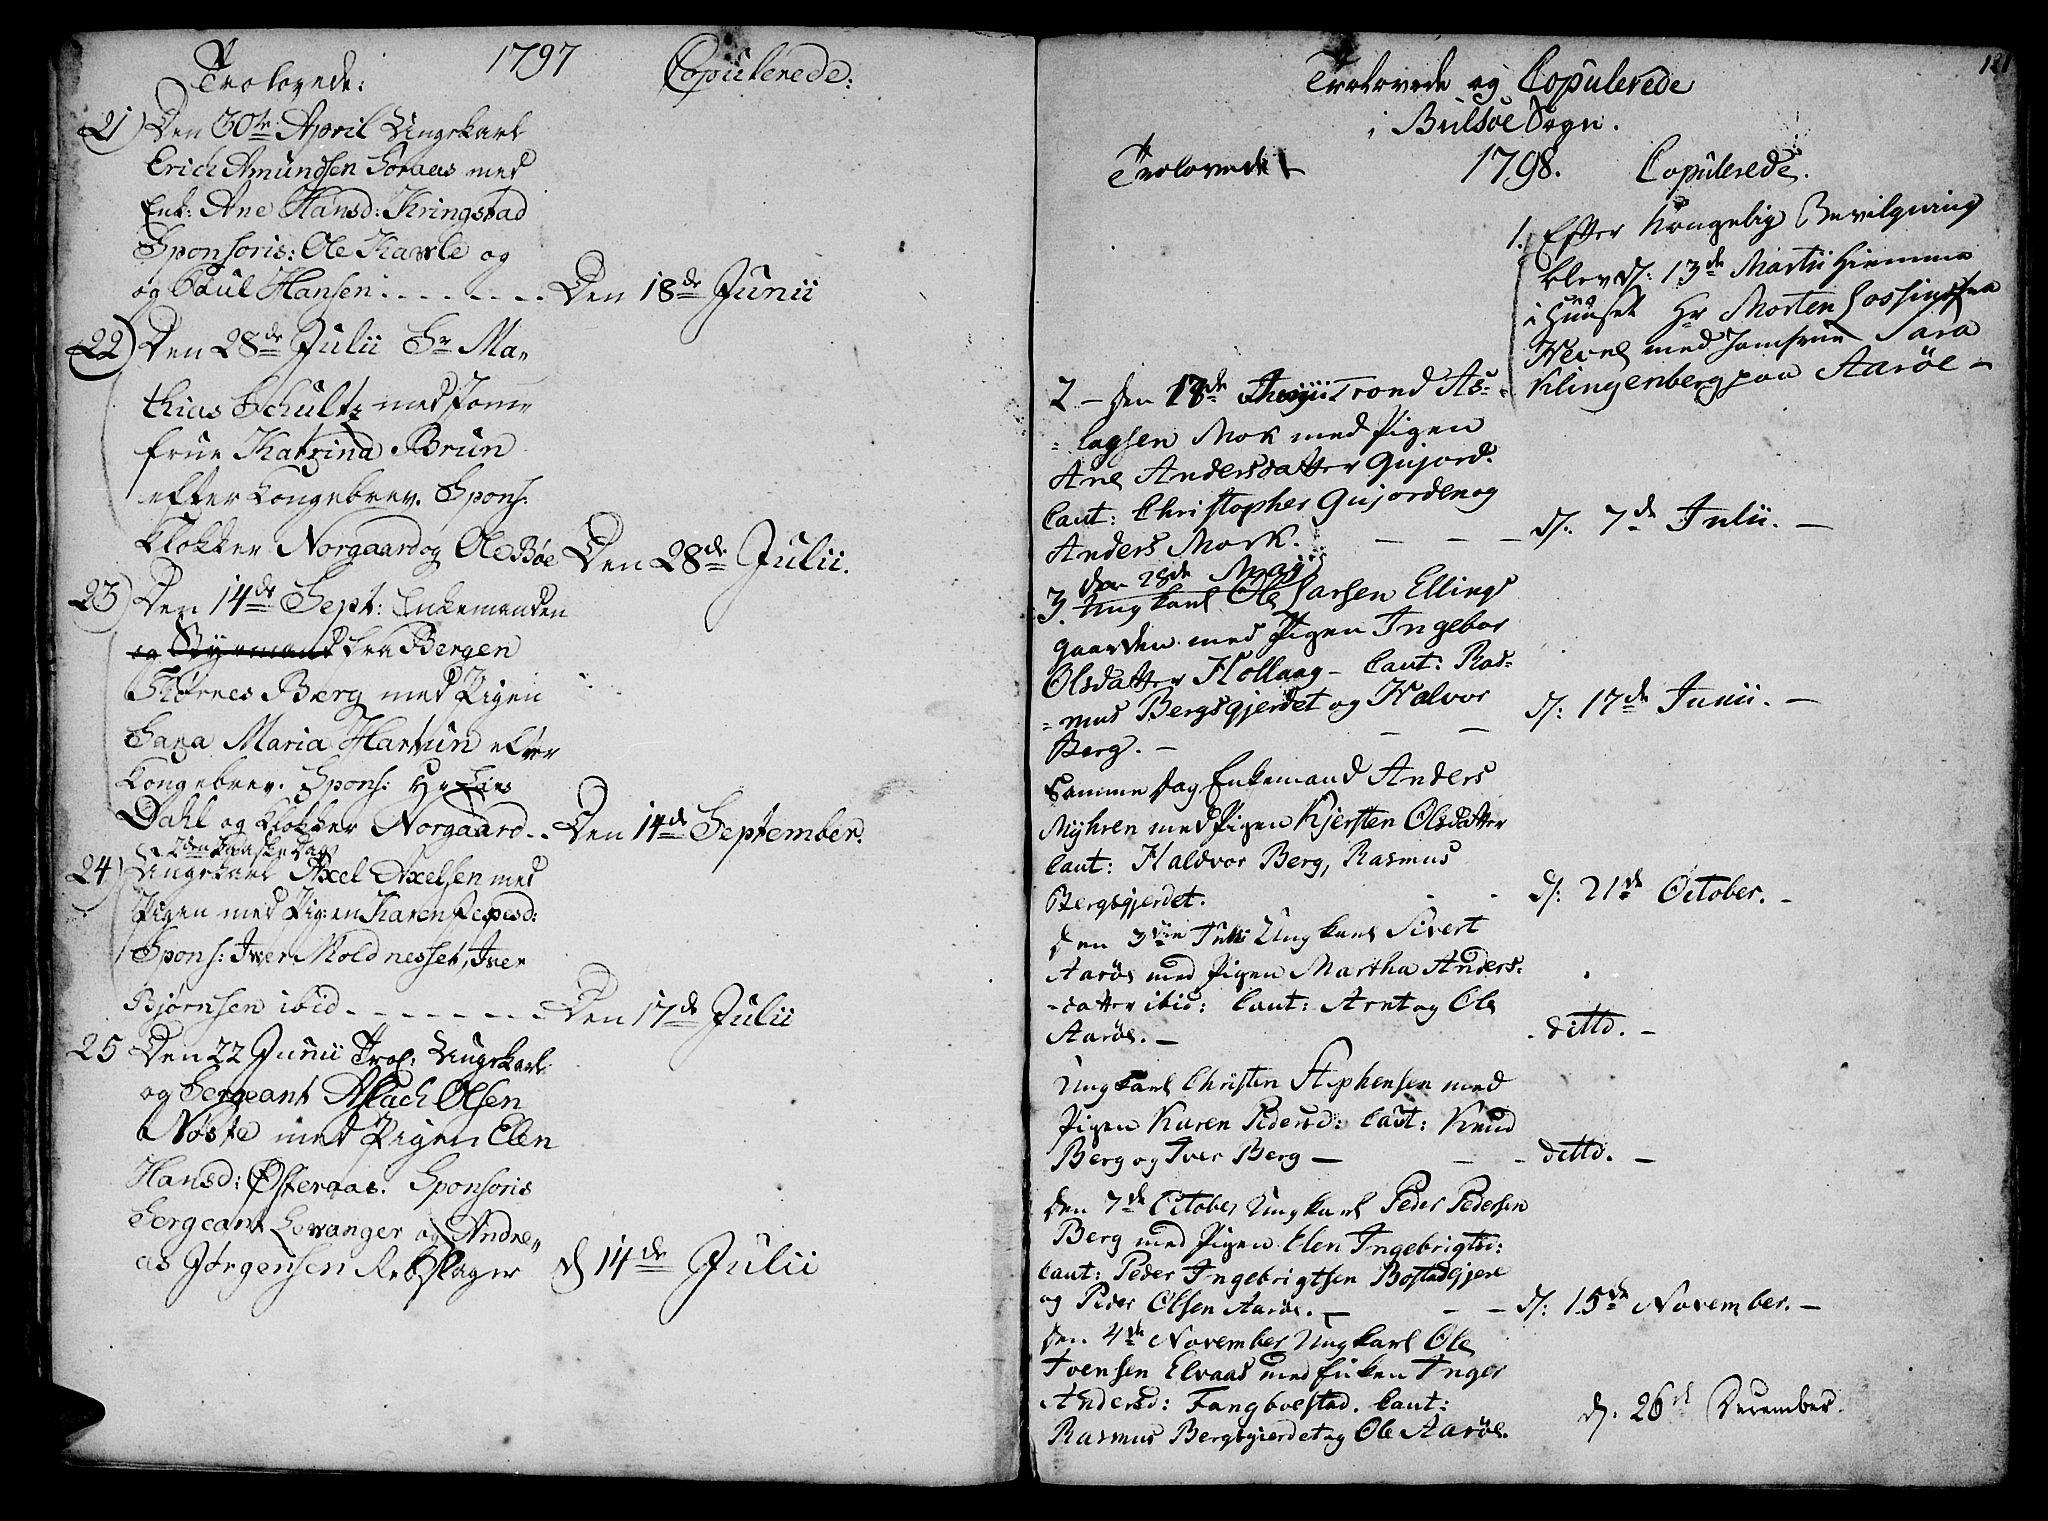 SAT, Ministerialprotokoller, klokkerbøker og fødselsregistre - Møre og Romsdal, 555/L0649: Ministerialbok nr. 555A02 /1, 1795-1821, s. 121